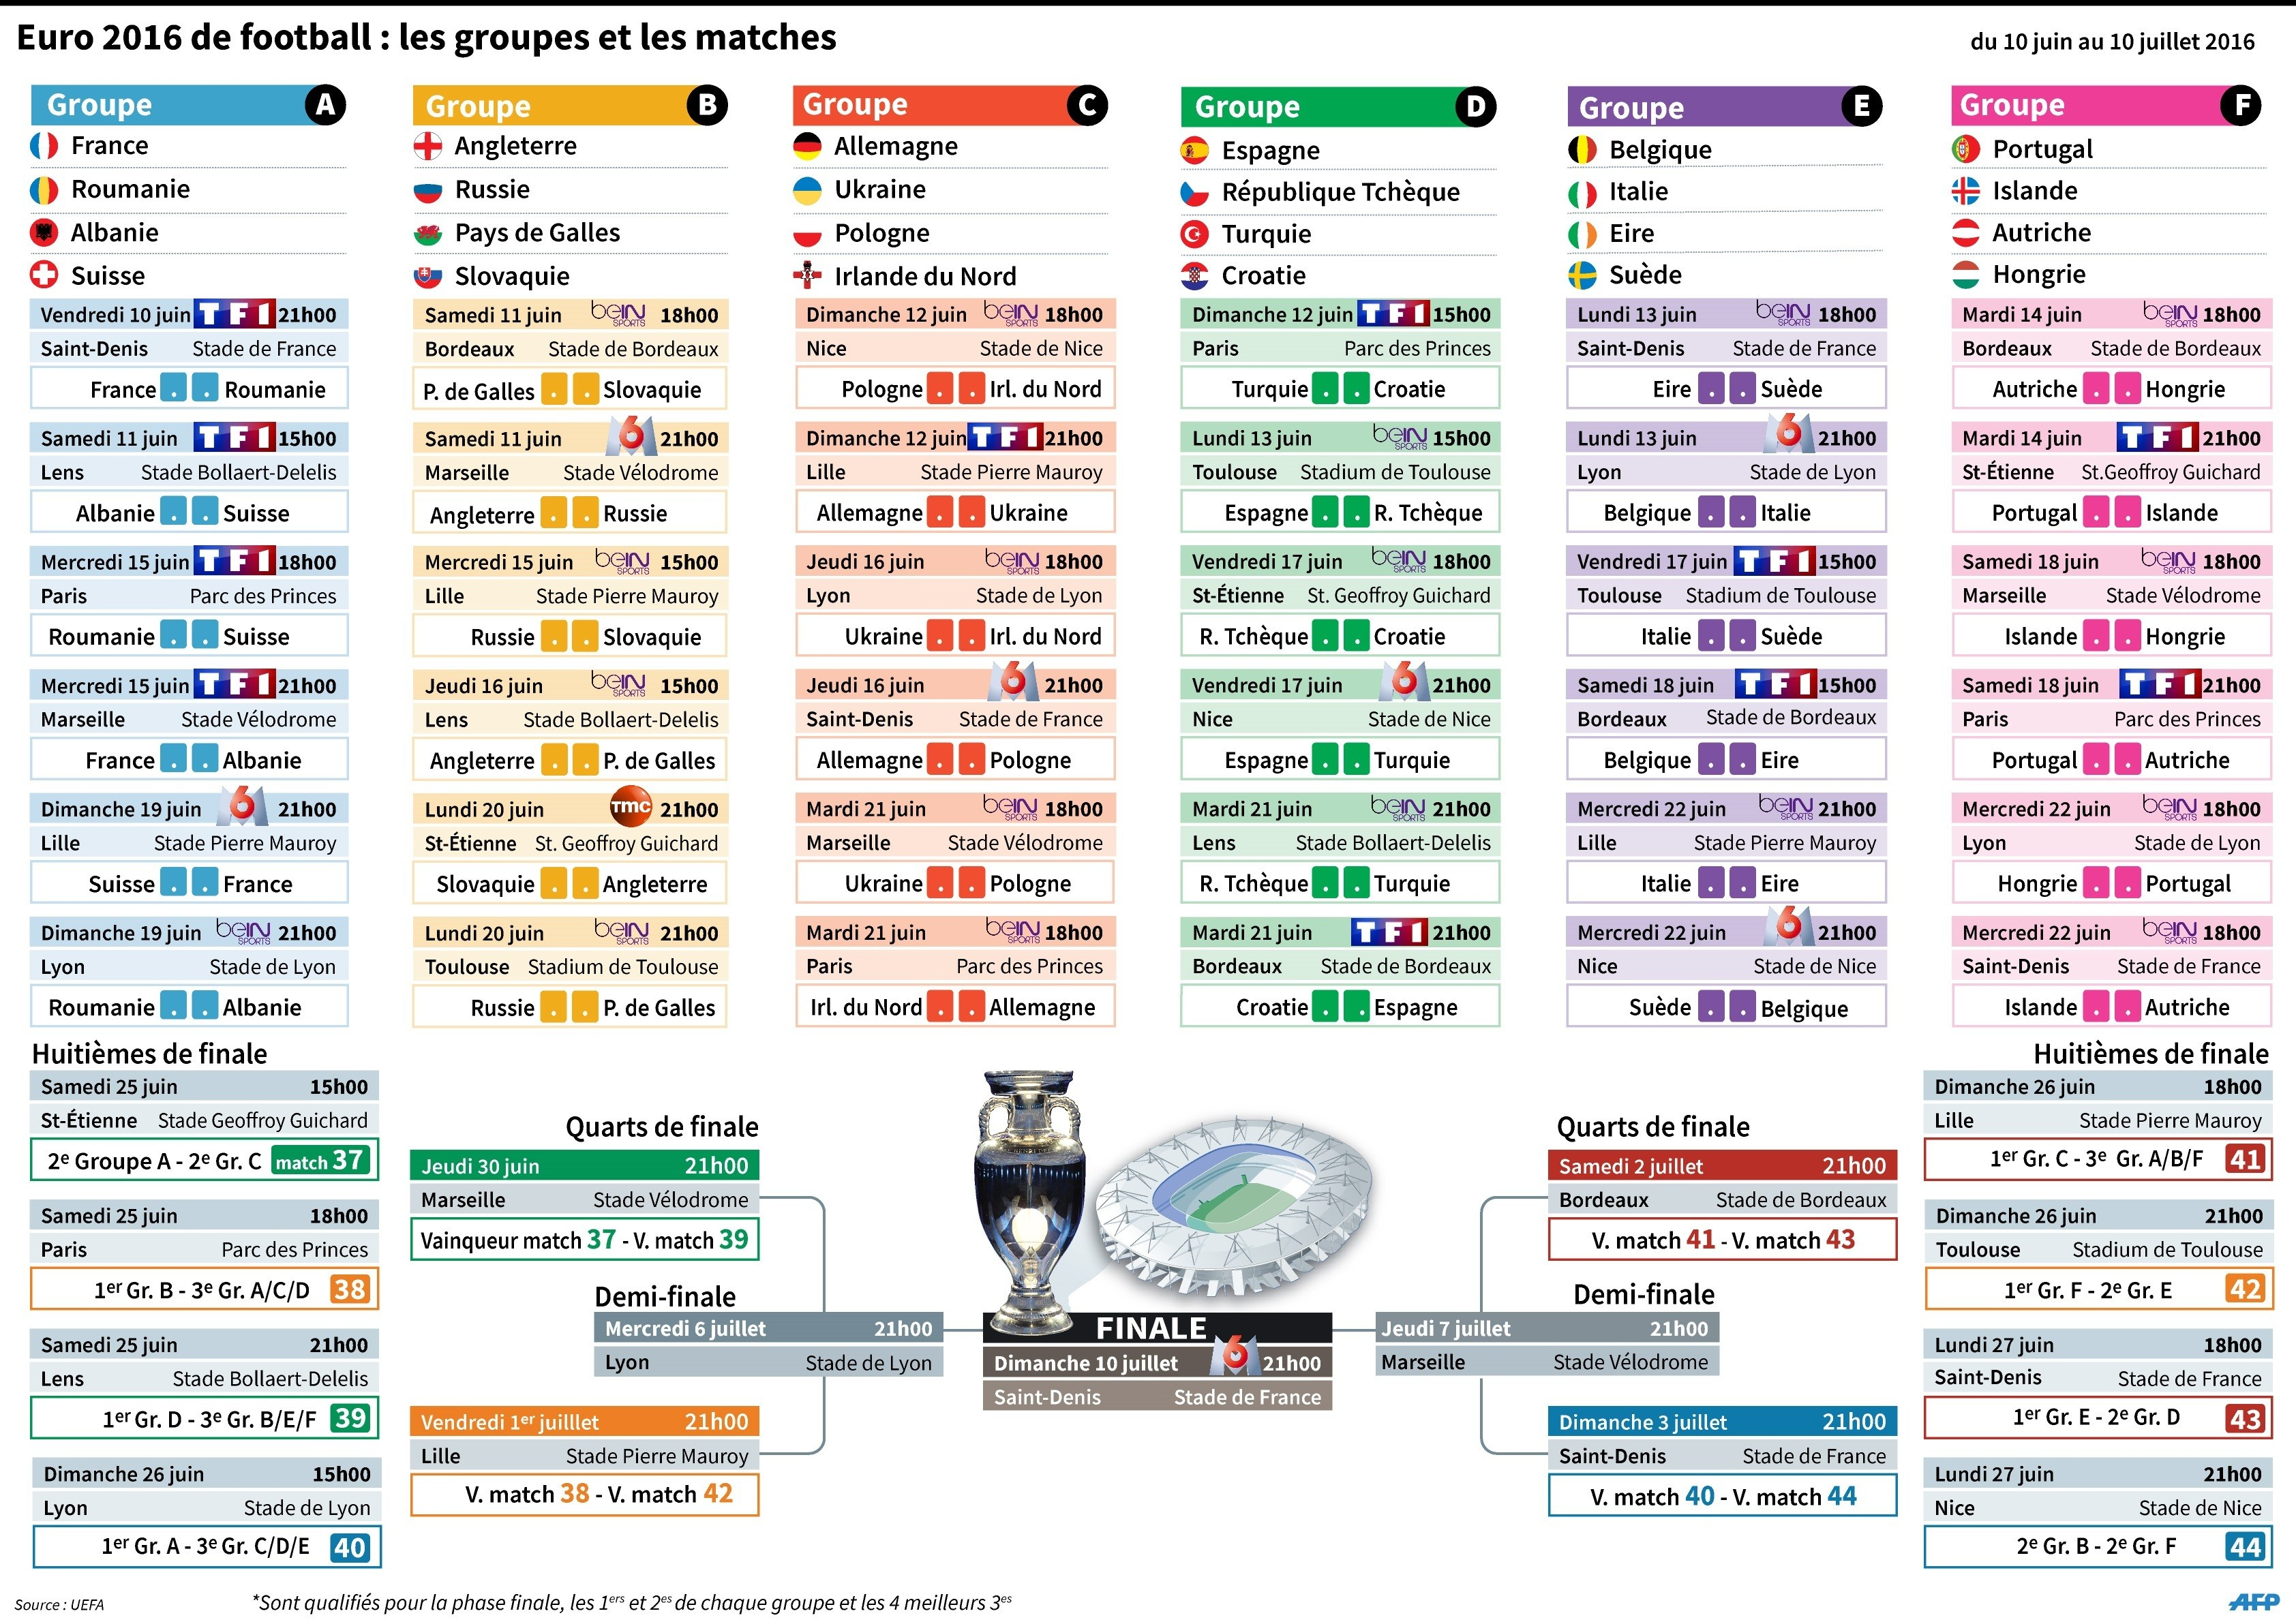 calendrier rencontre euro 2016